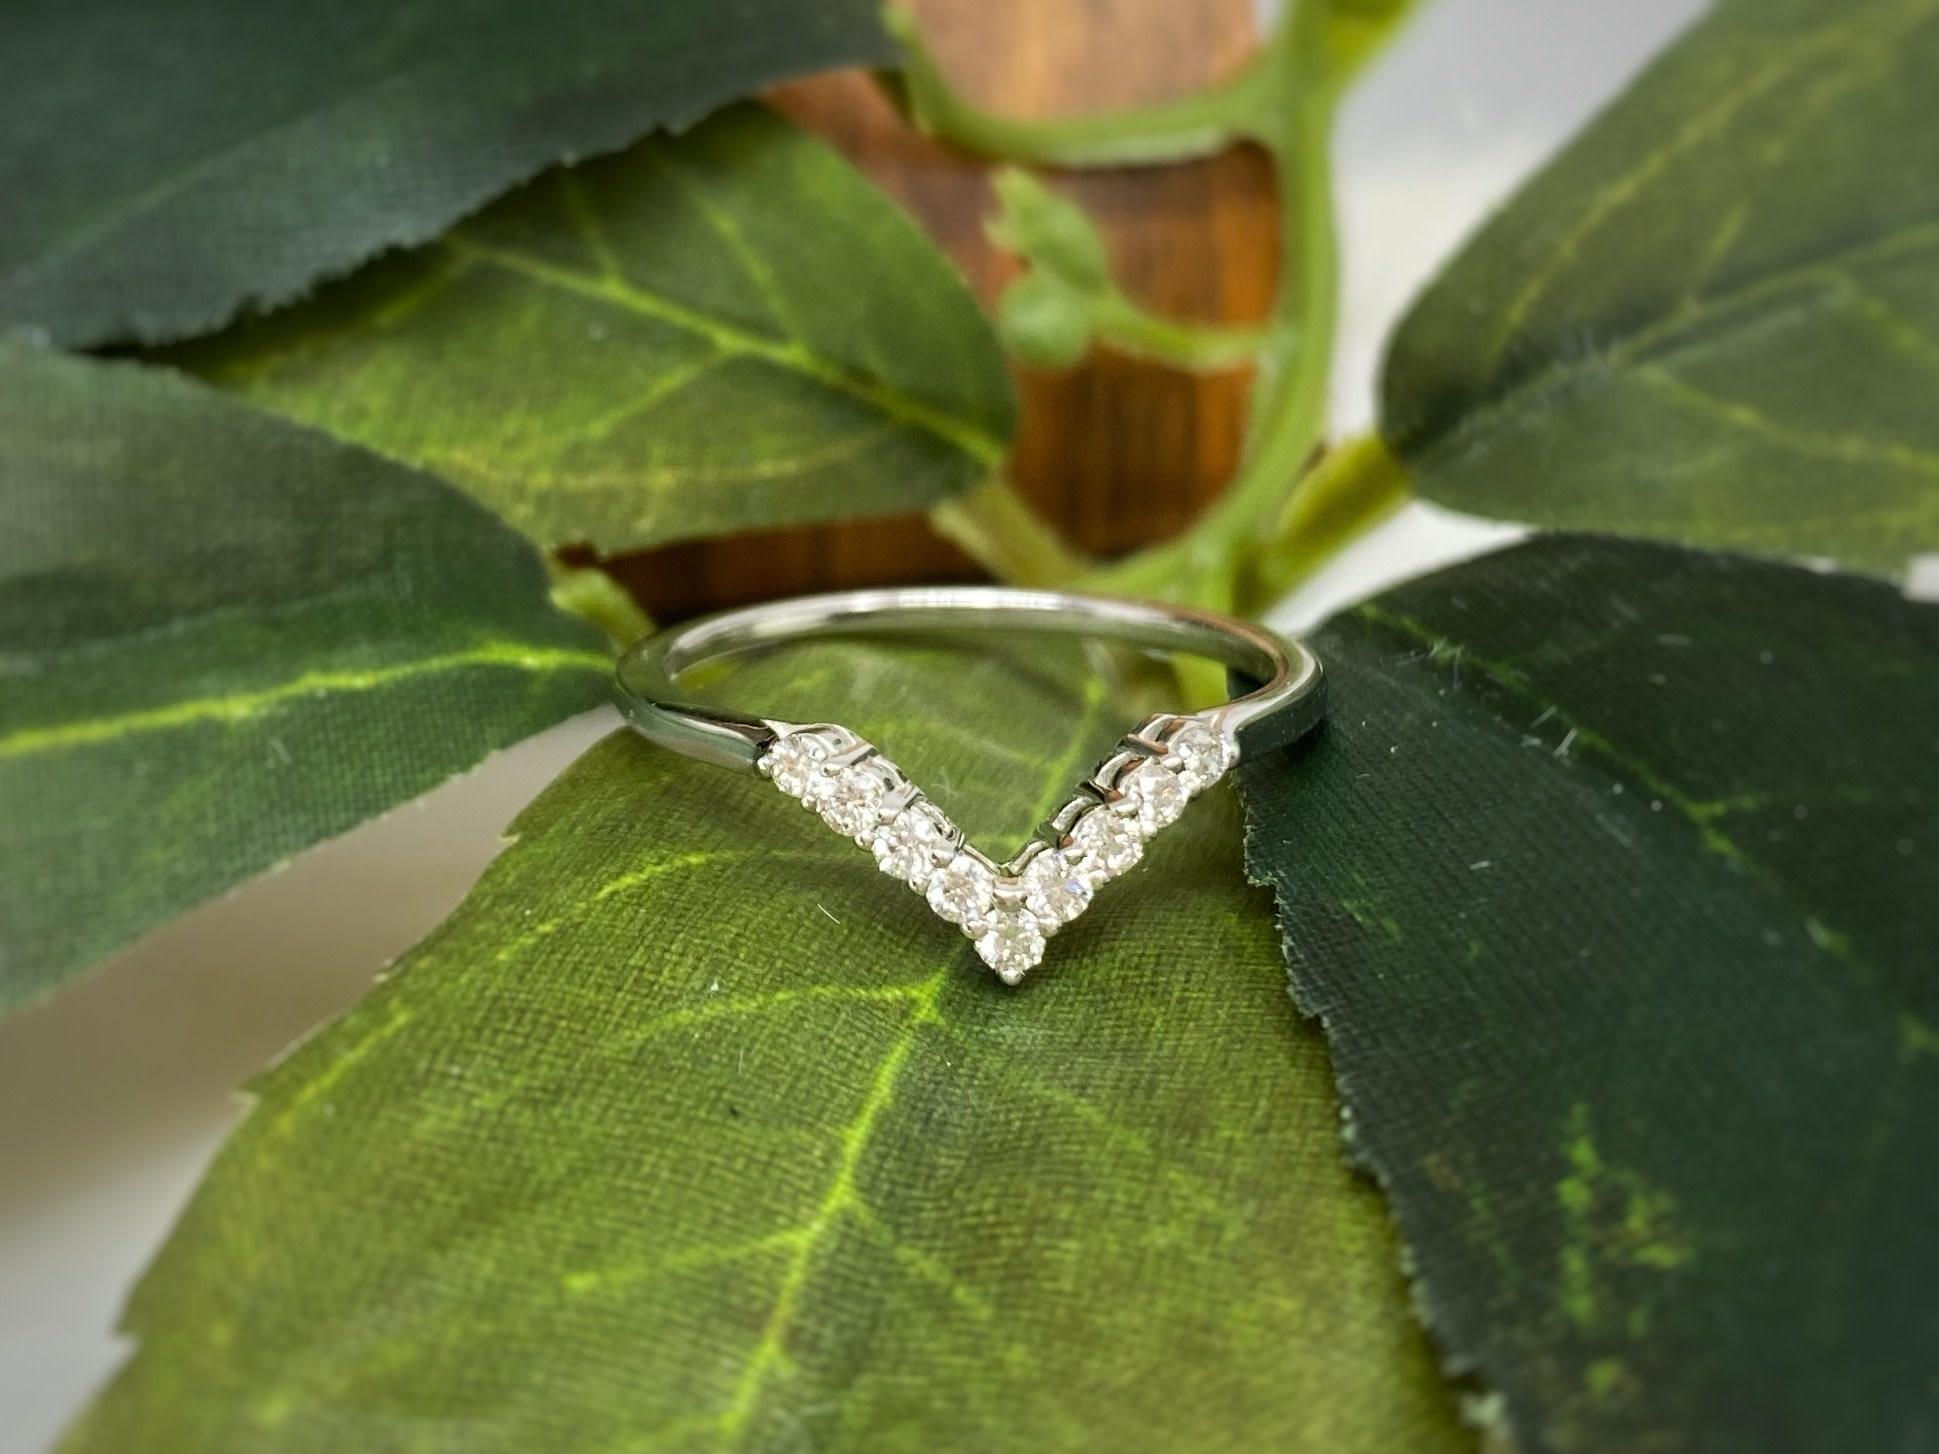 14K White Gold Diamond Chevron Wedding Band Ring